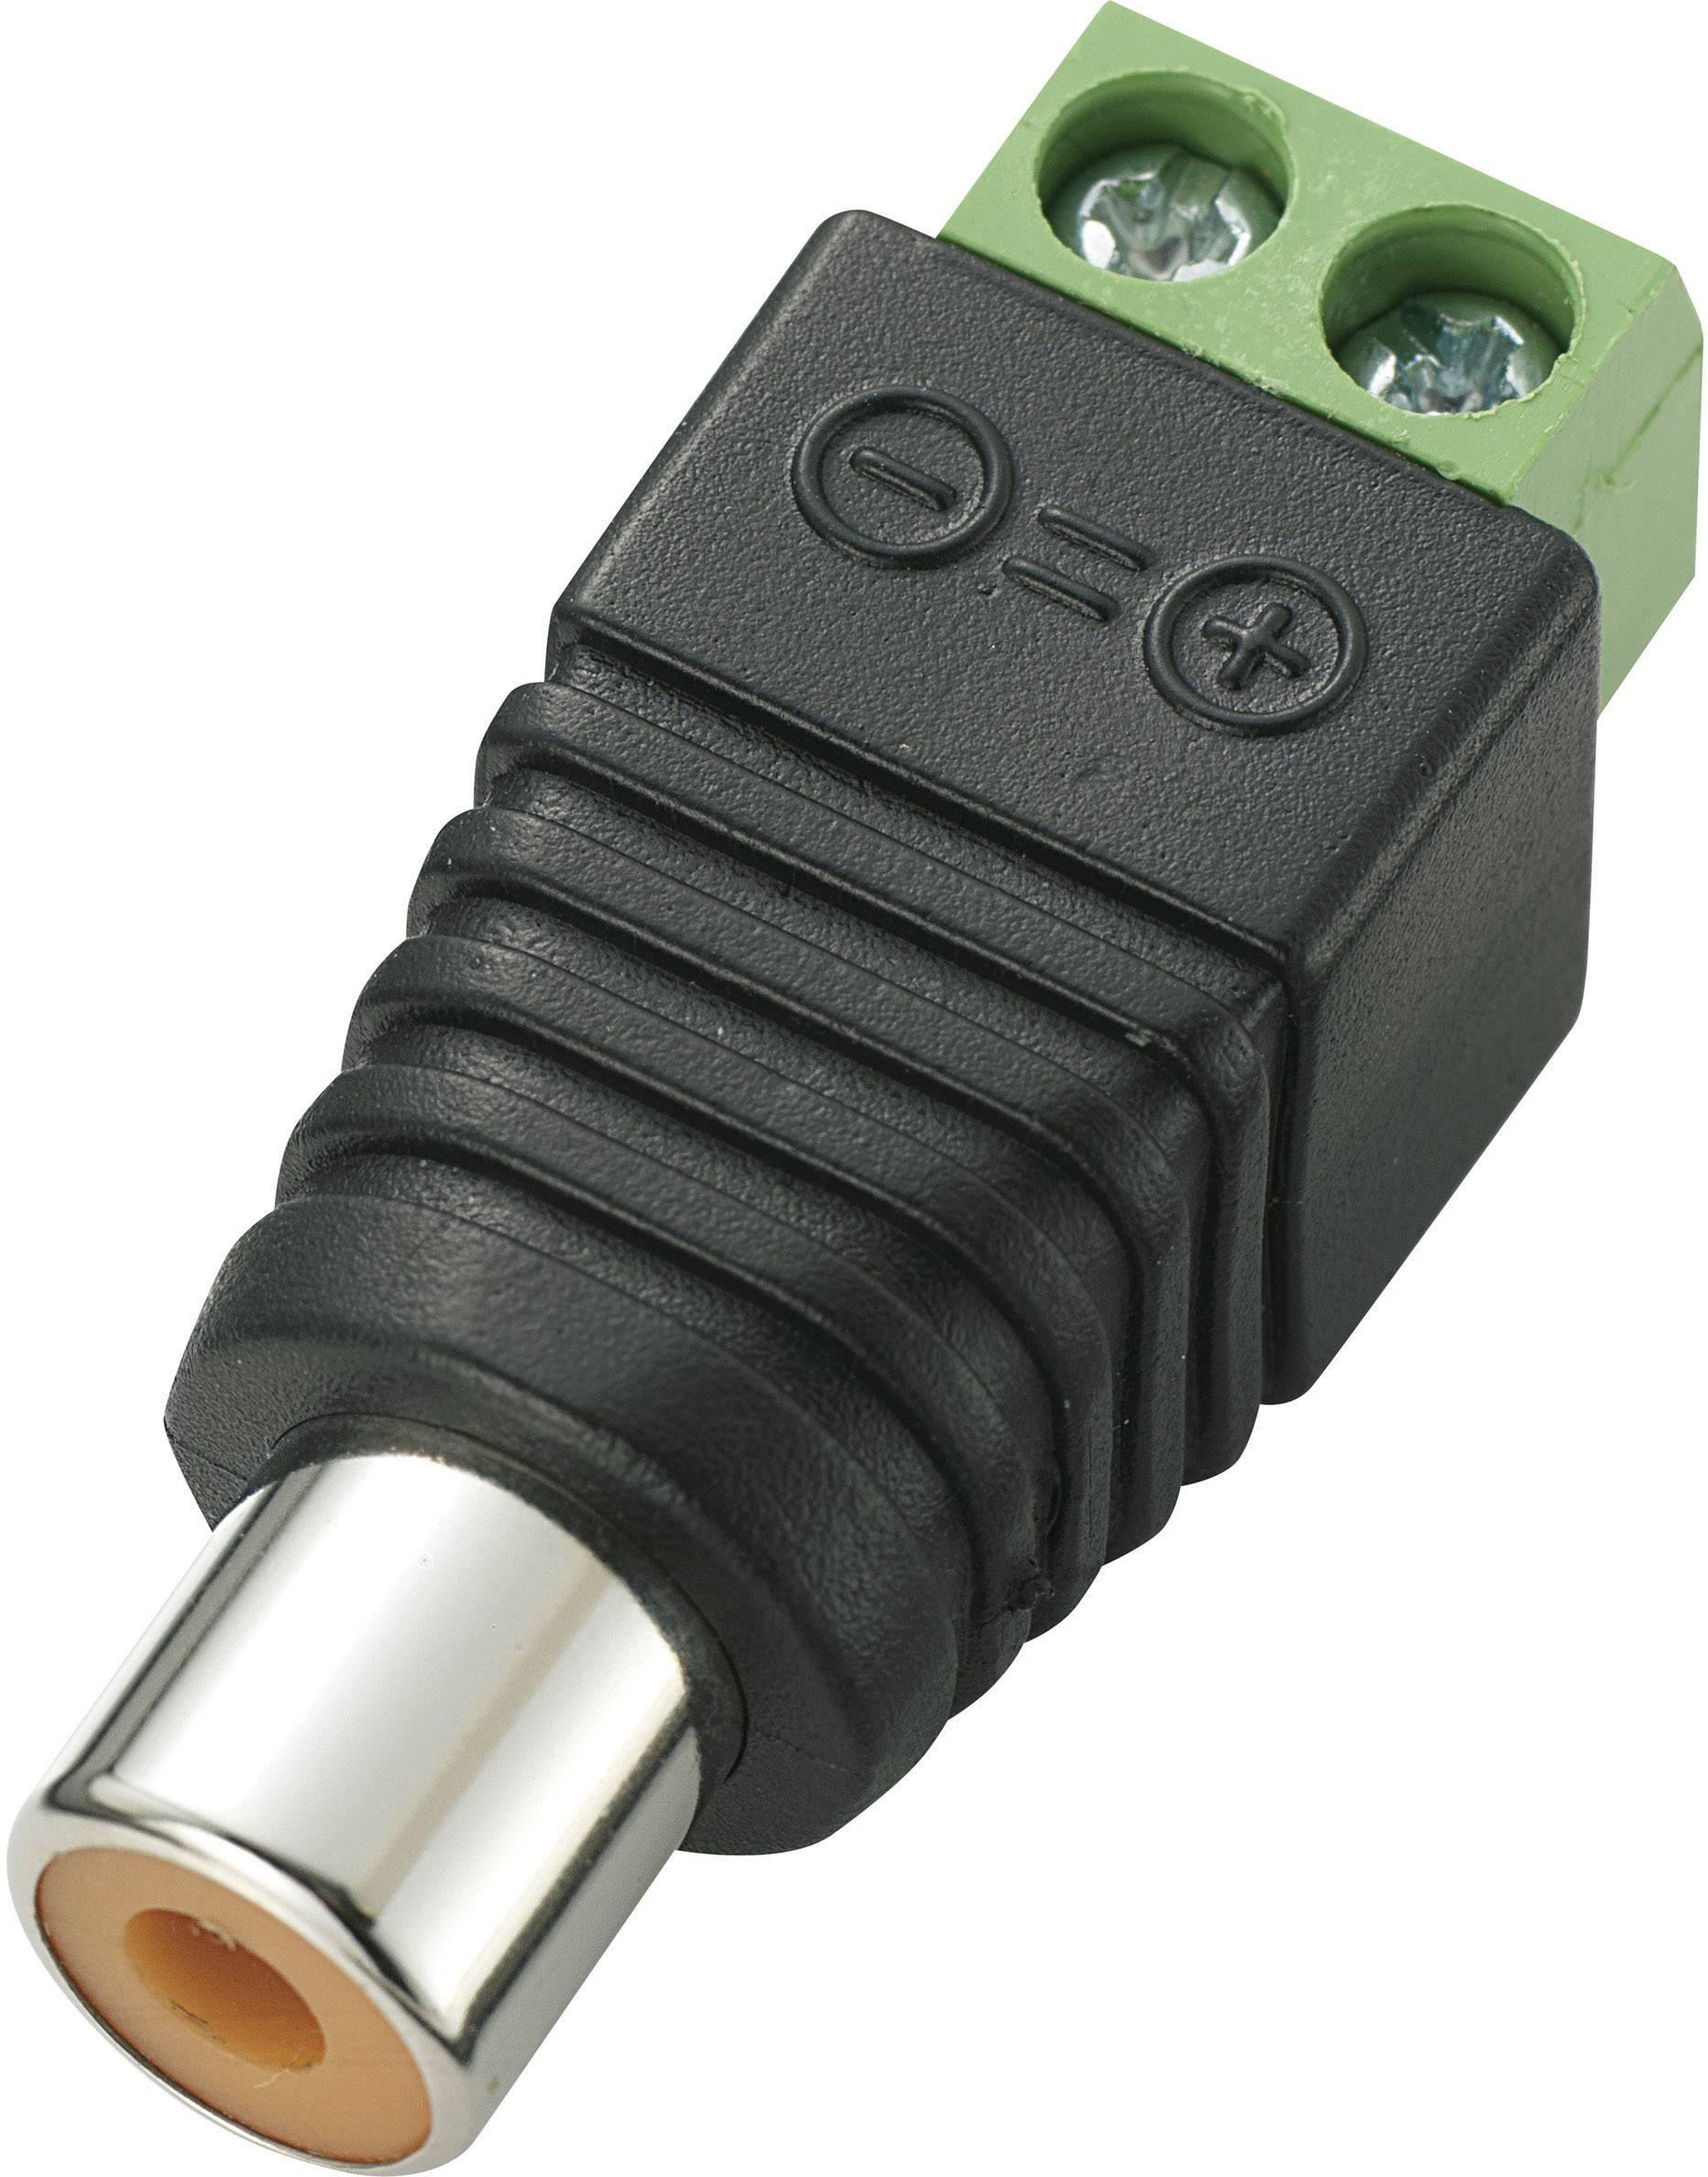 Cinch konektor zásuvka, rovná Počet pólů: 2 černá LT-RAC-J